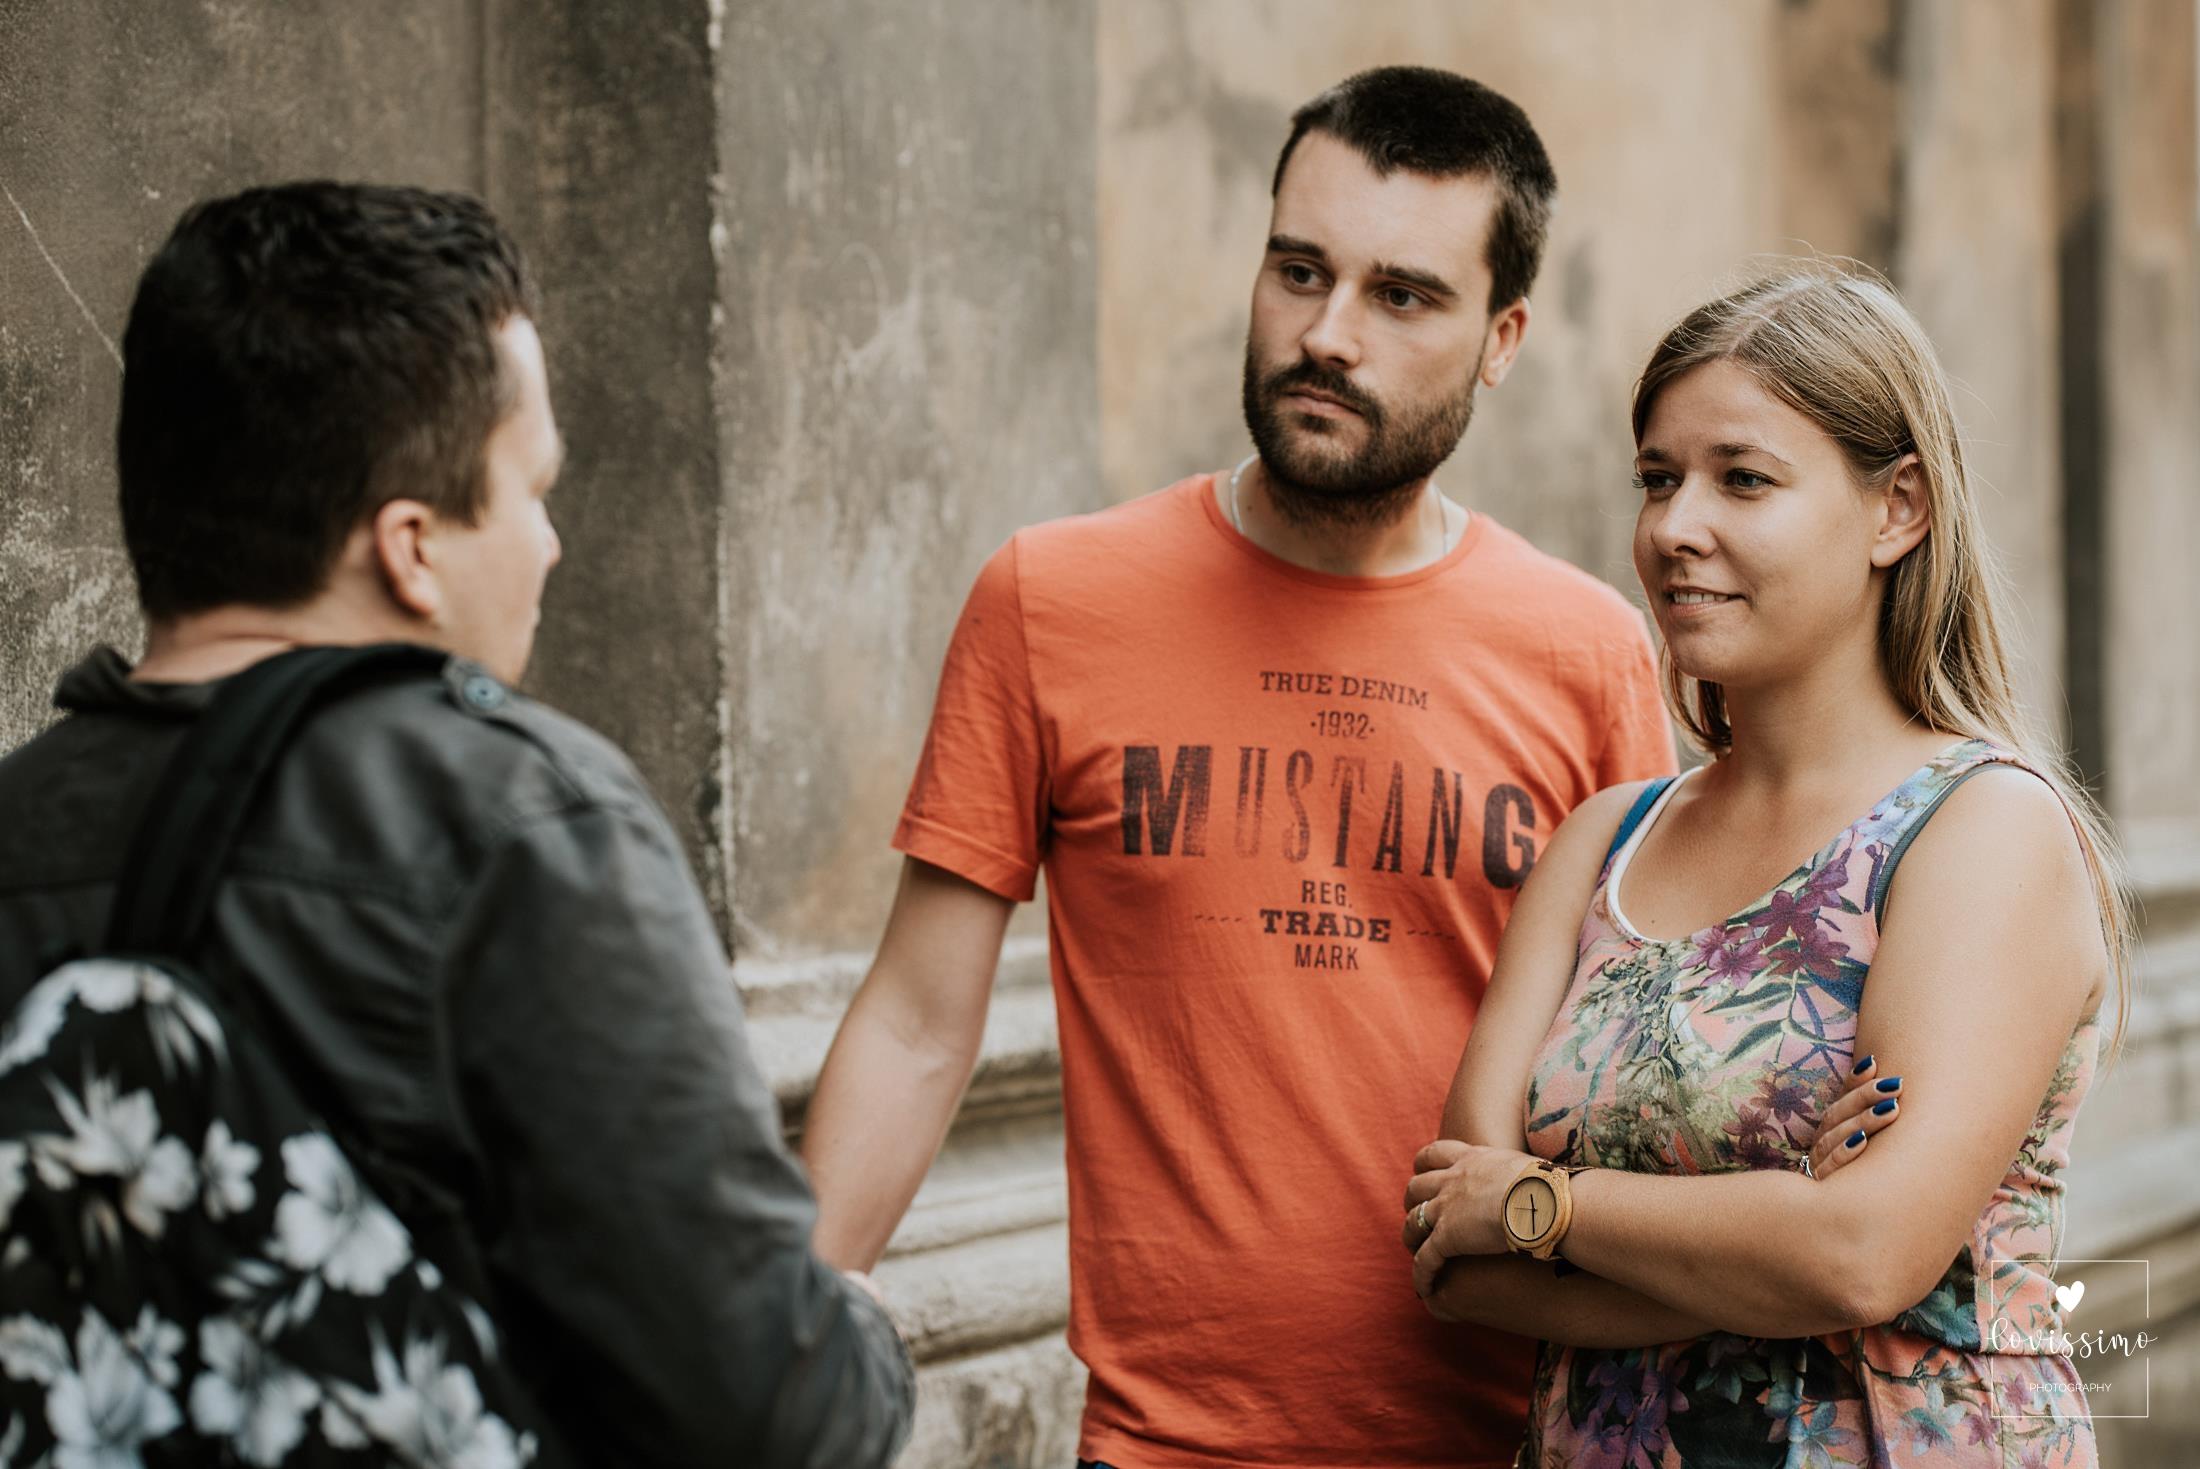 Sesja zdjęciowa we Lwowie, polski fotograf, przewodnik po Lwowie